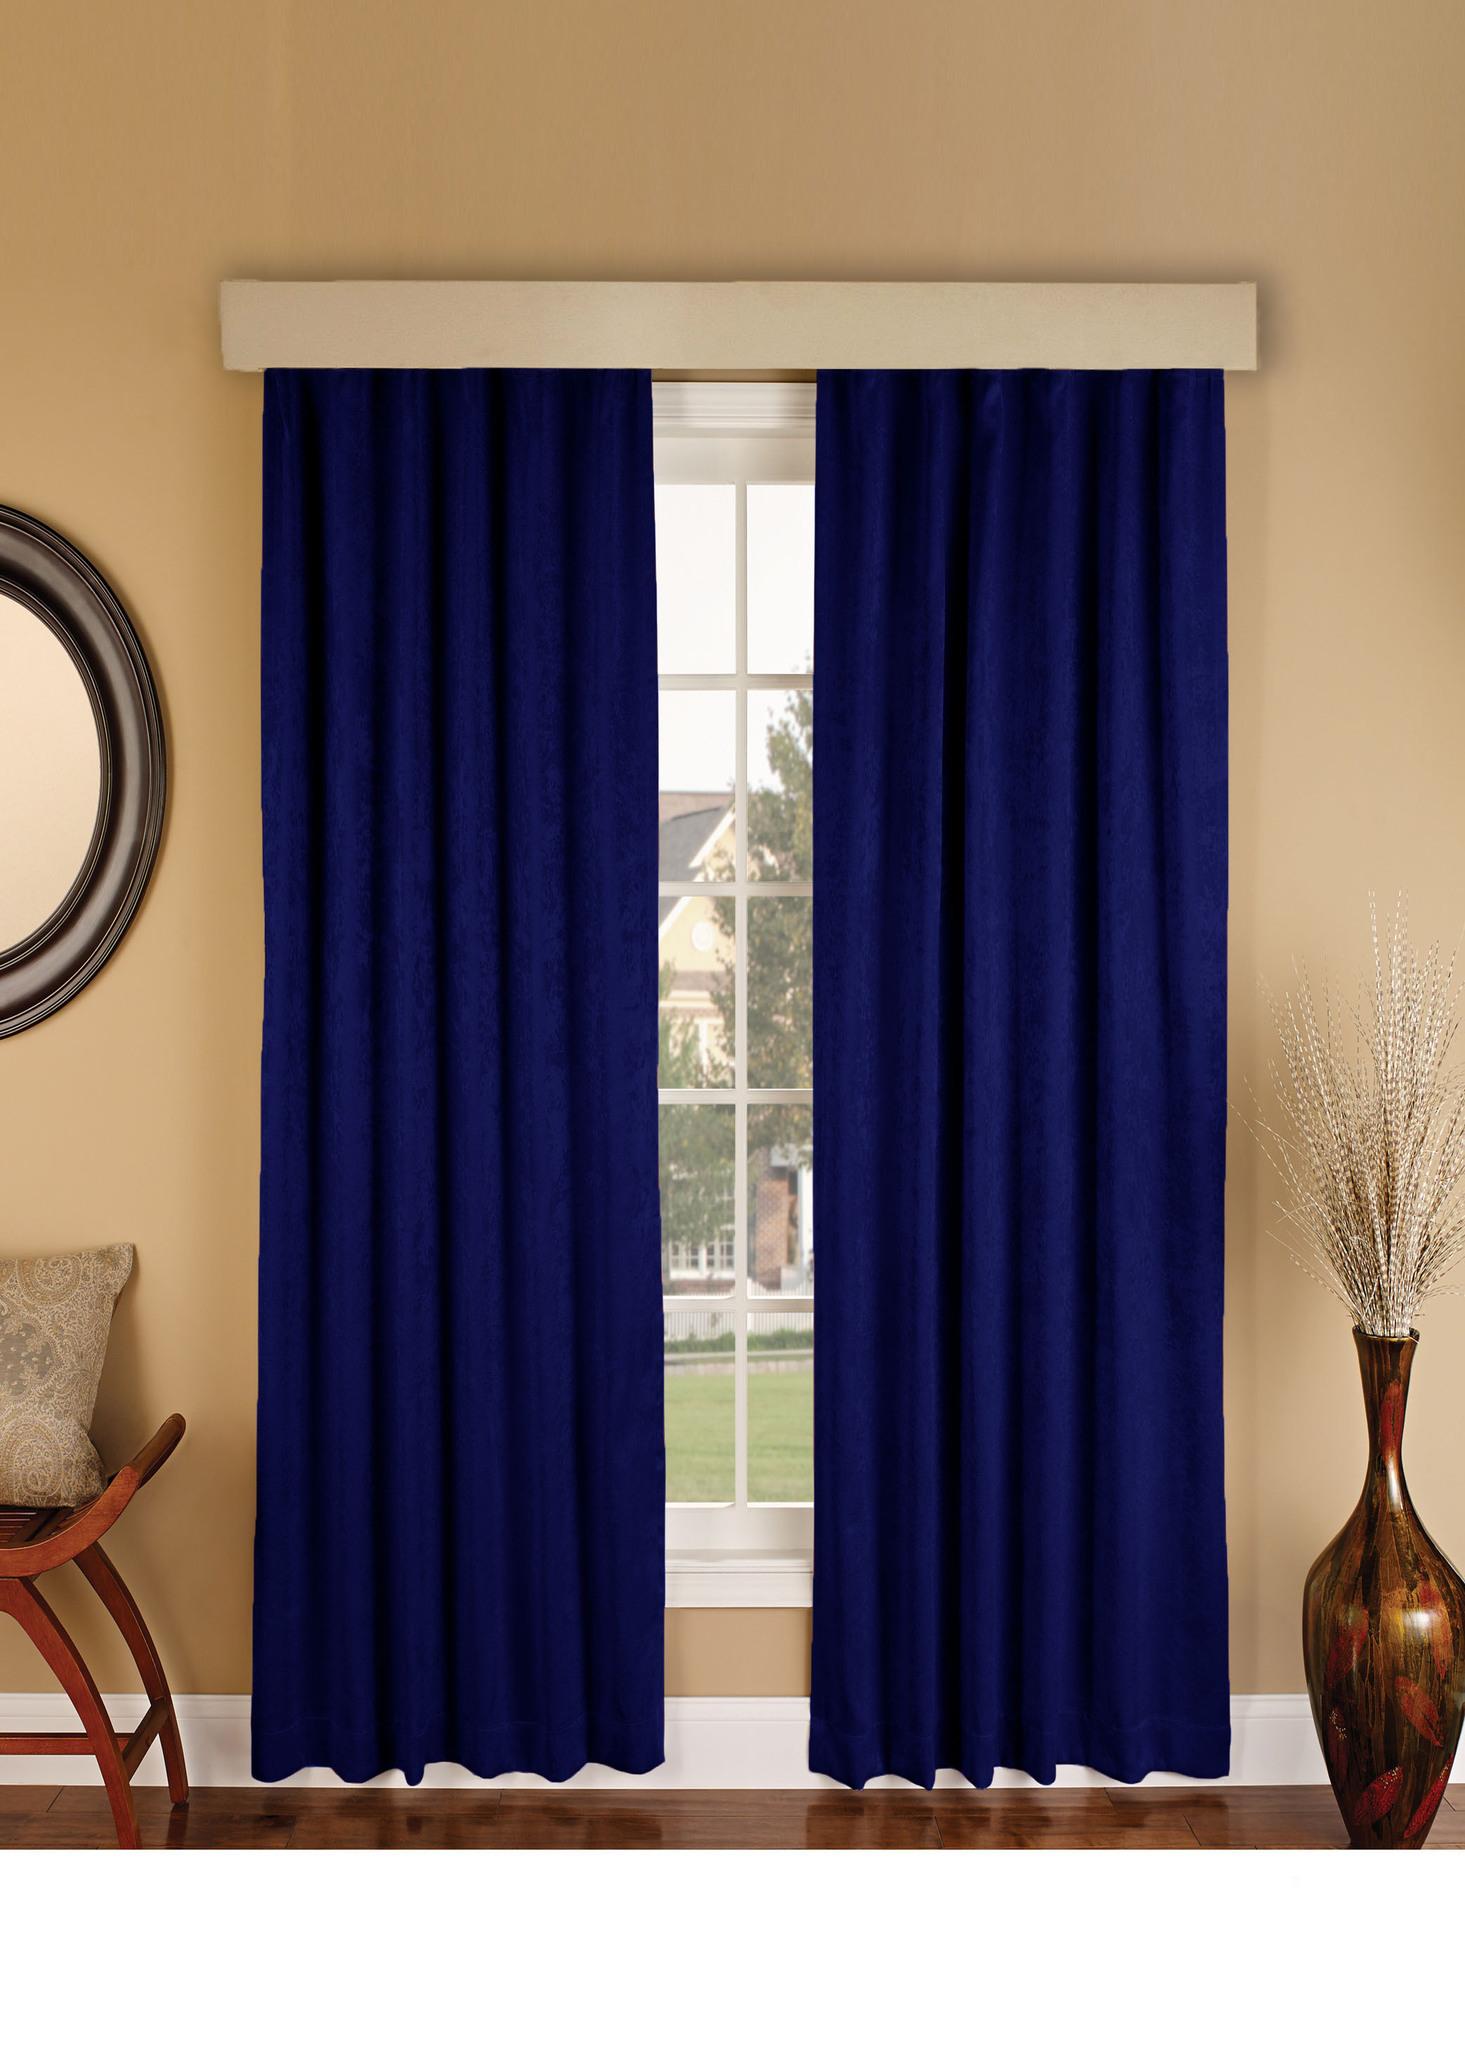 Длинные шторы. Suede (темно-синий).  Имитация замши